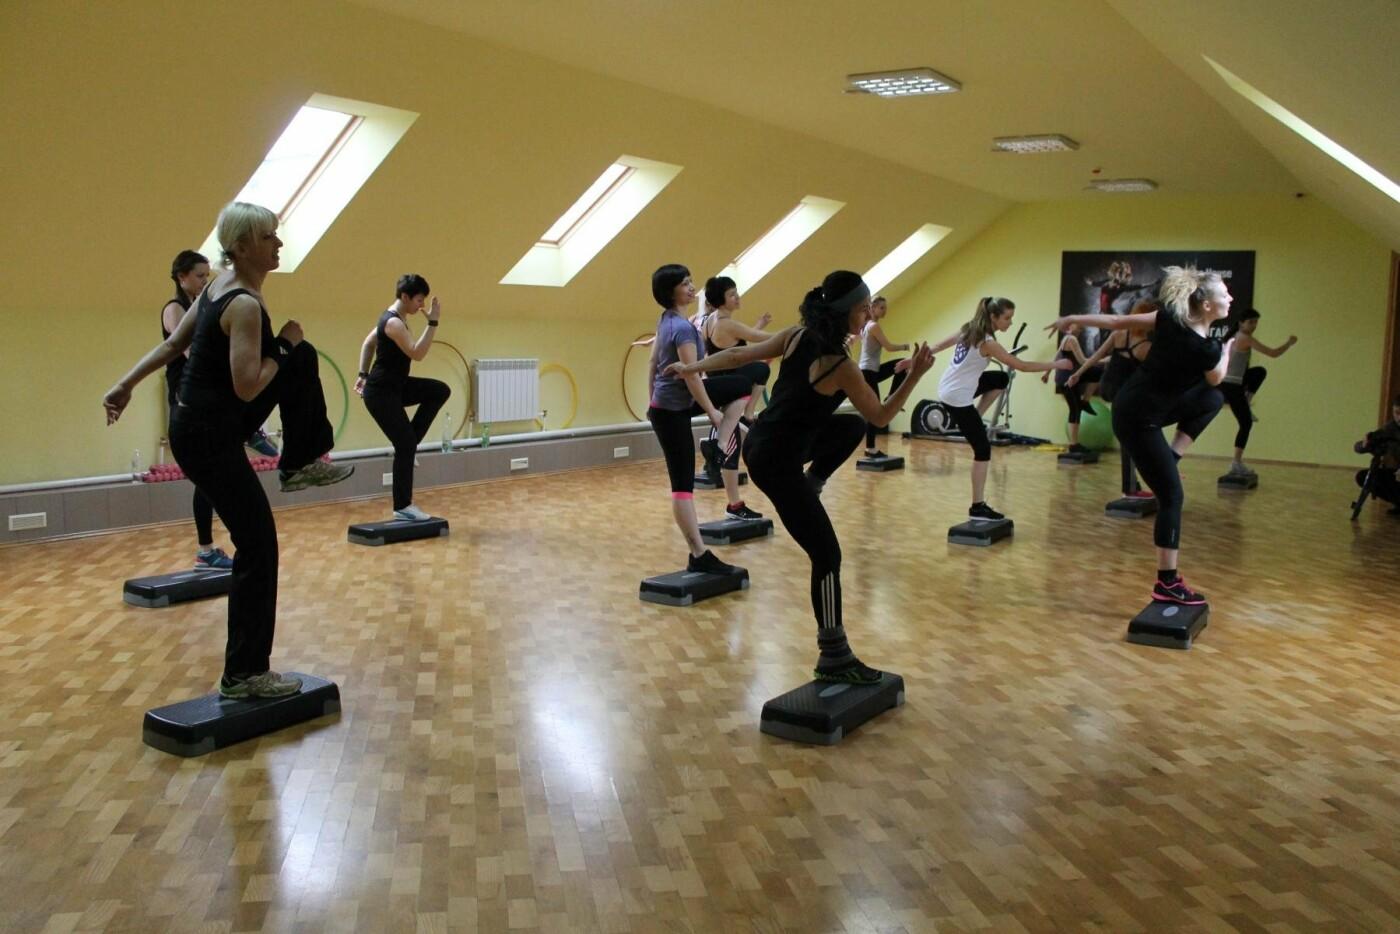 ТОП найкращих: фітнес-центри і тренажерні зали Тернополя, фото-55